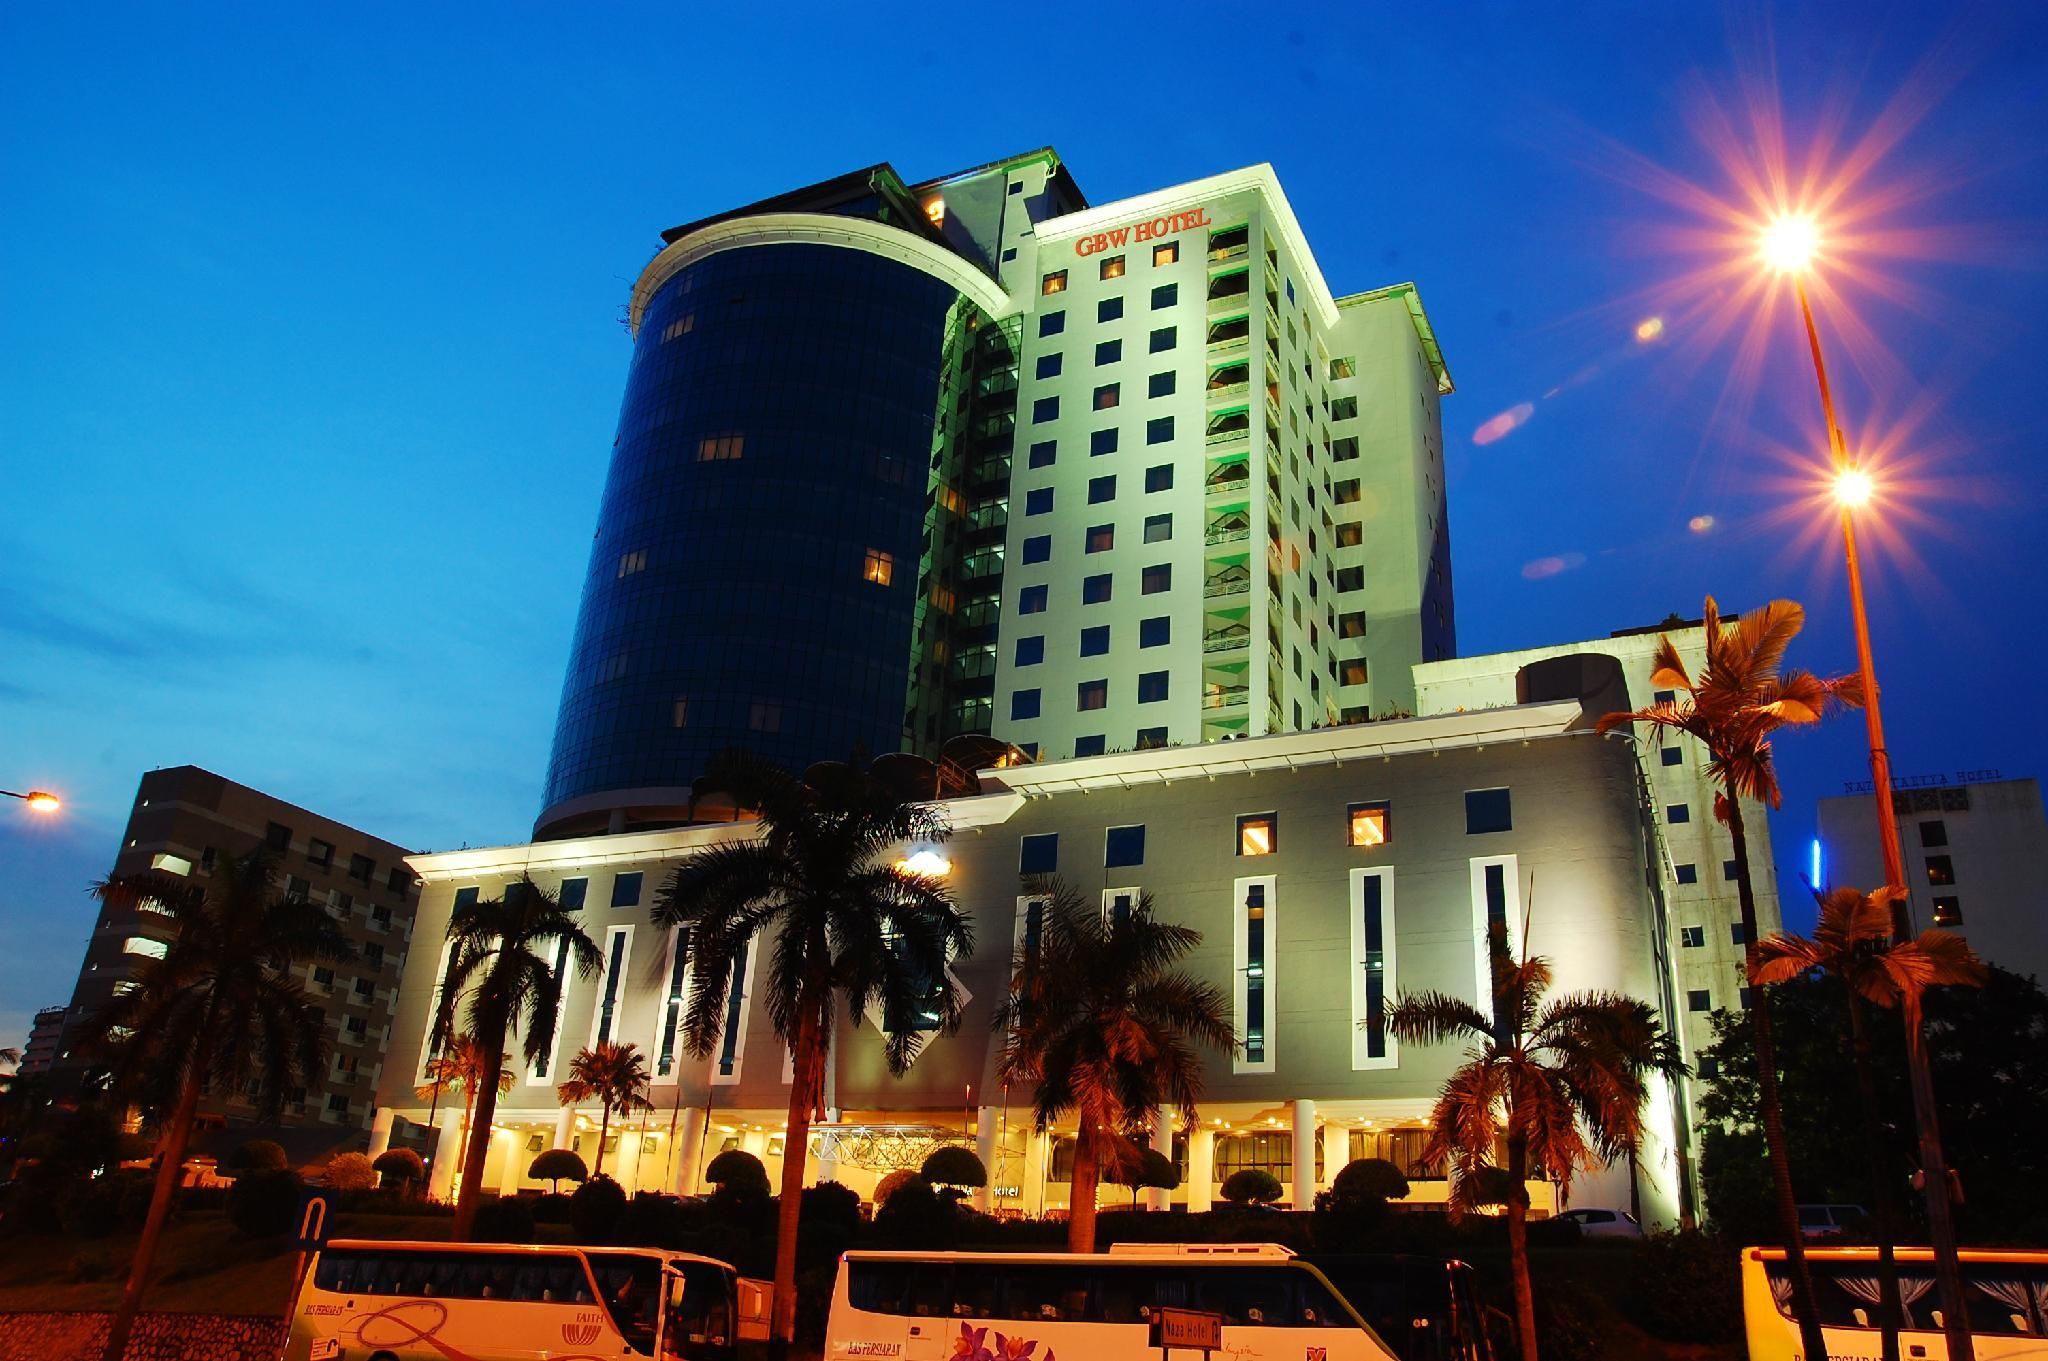 4starhotelsinjohorbahrumalaysia Budgethotelrm50